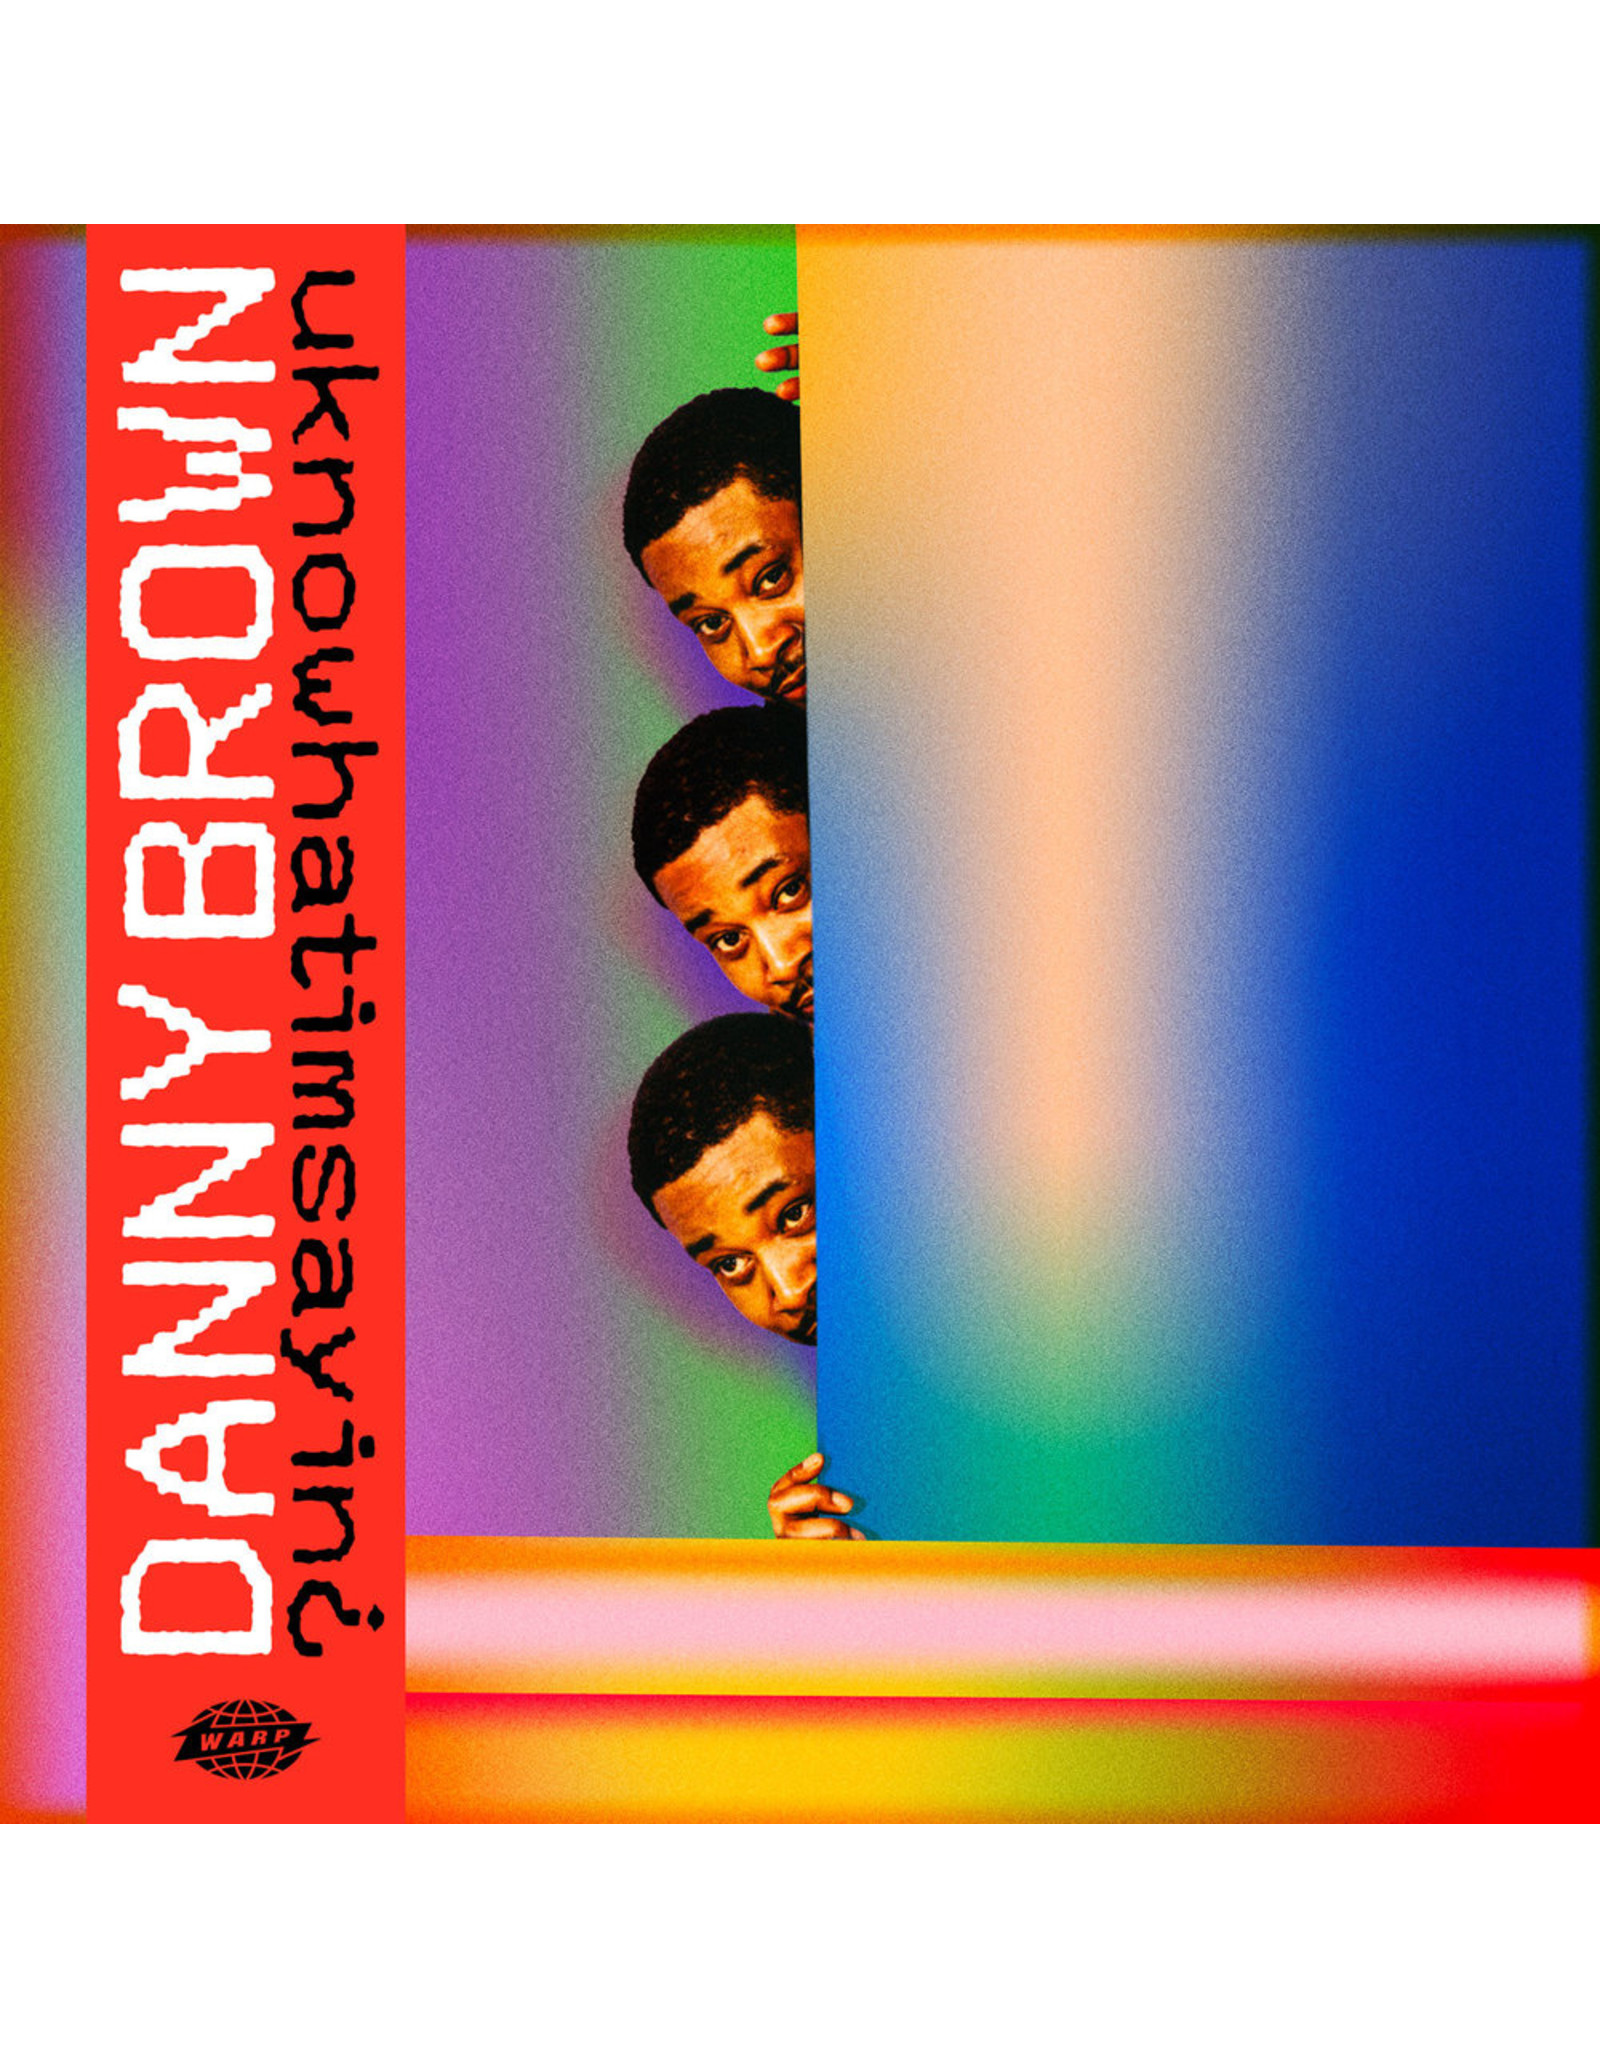 Danny Brown - uknowhatimsayin¿ LP